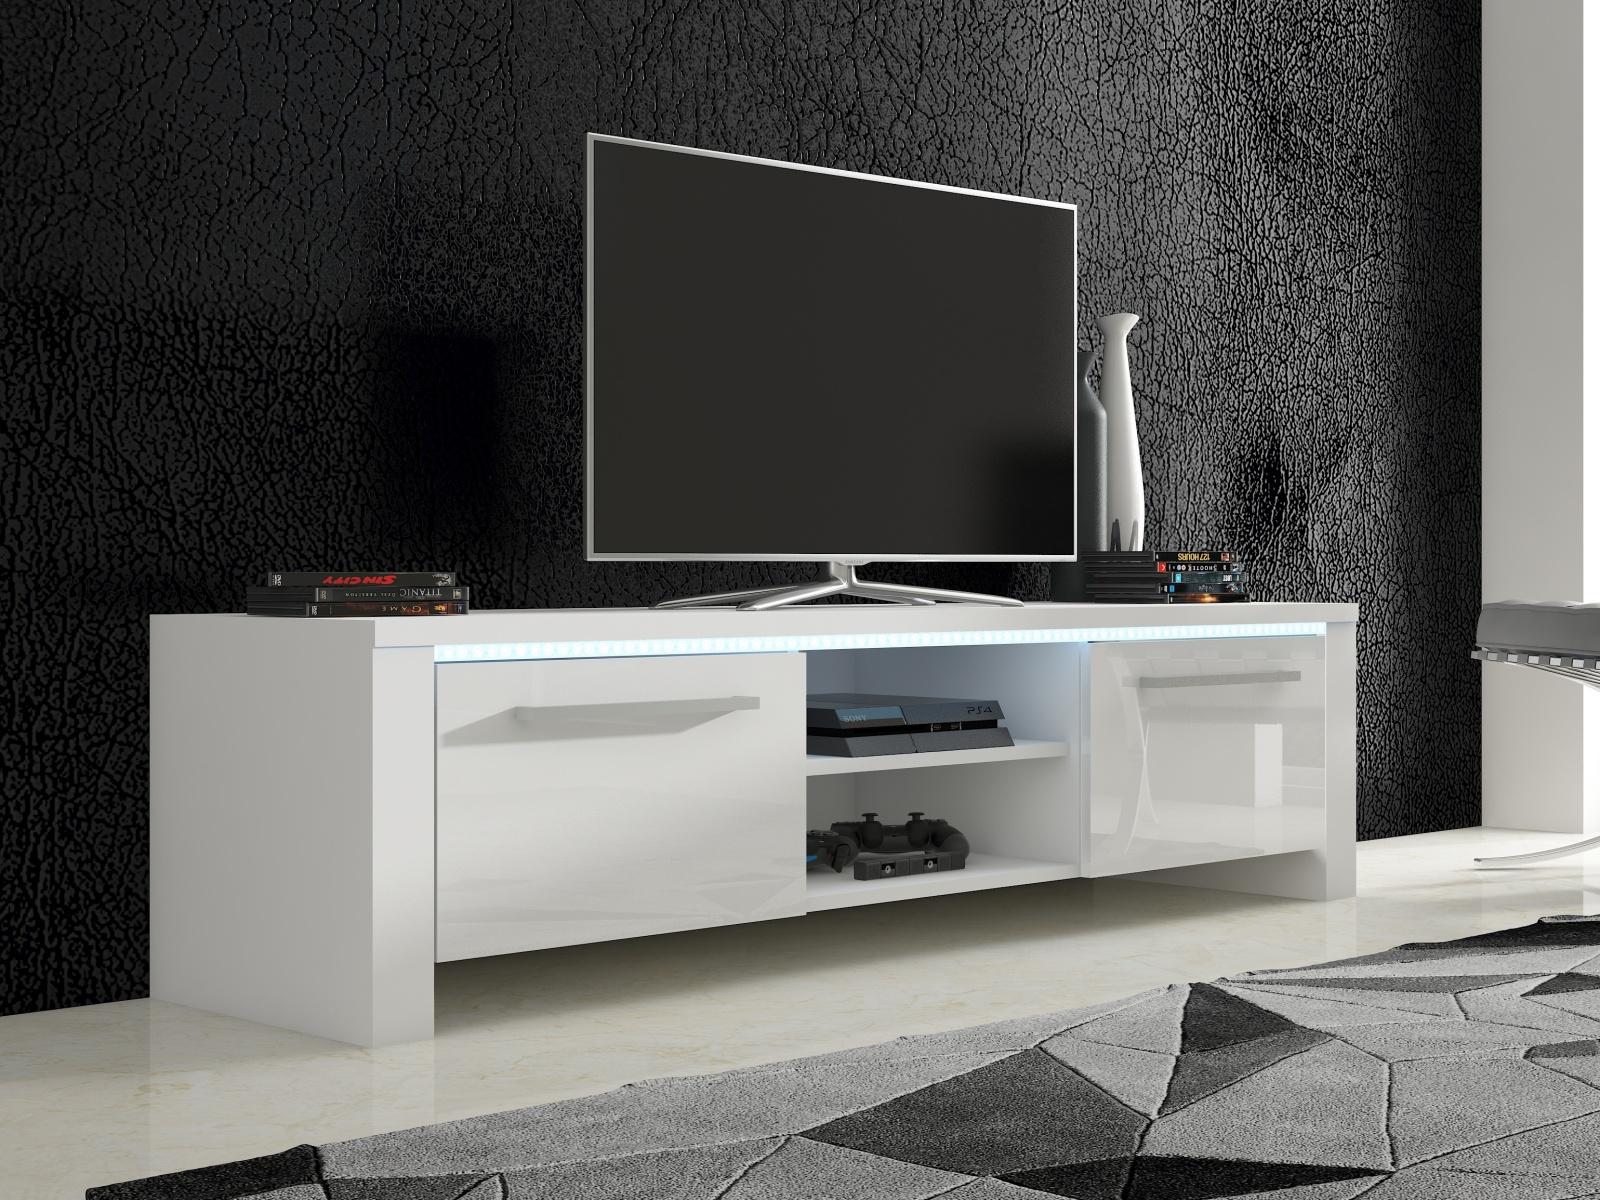 MORAVIA FLAT TV stolek HELIX 2, bílá/bílý lesk